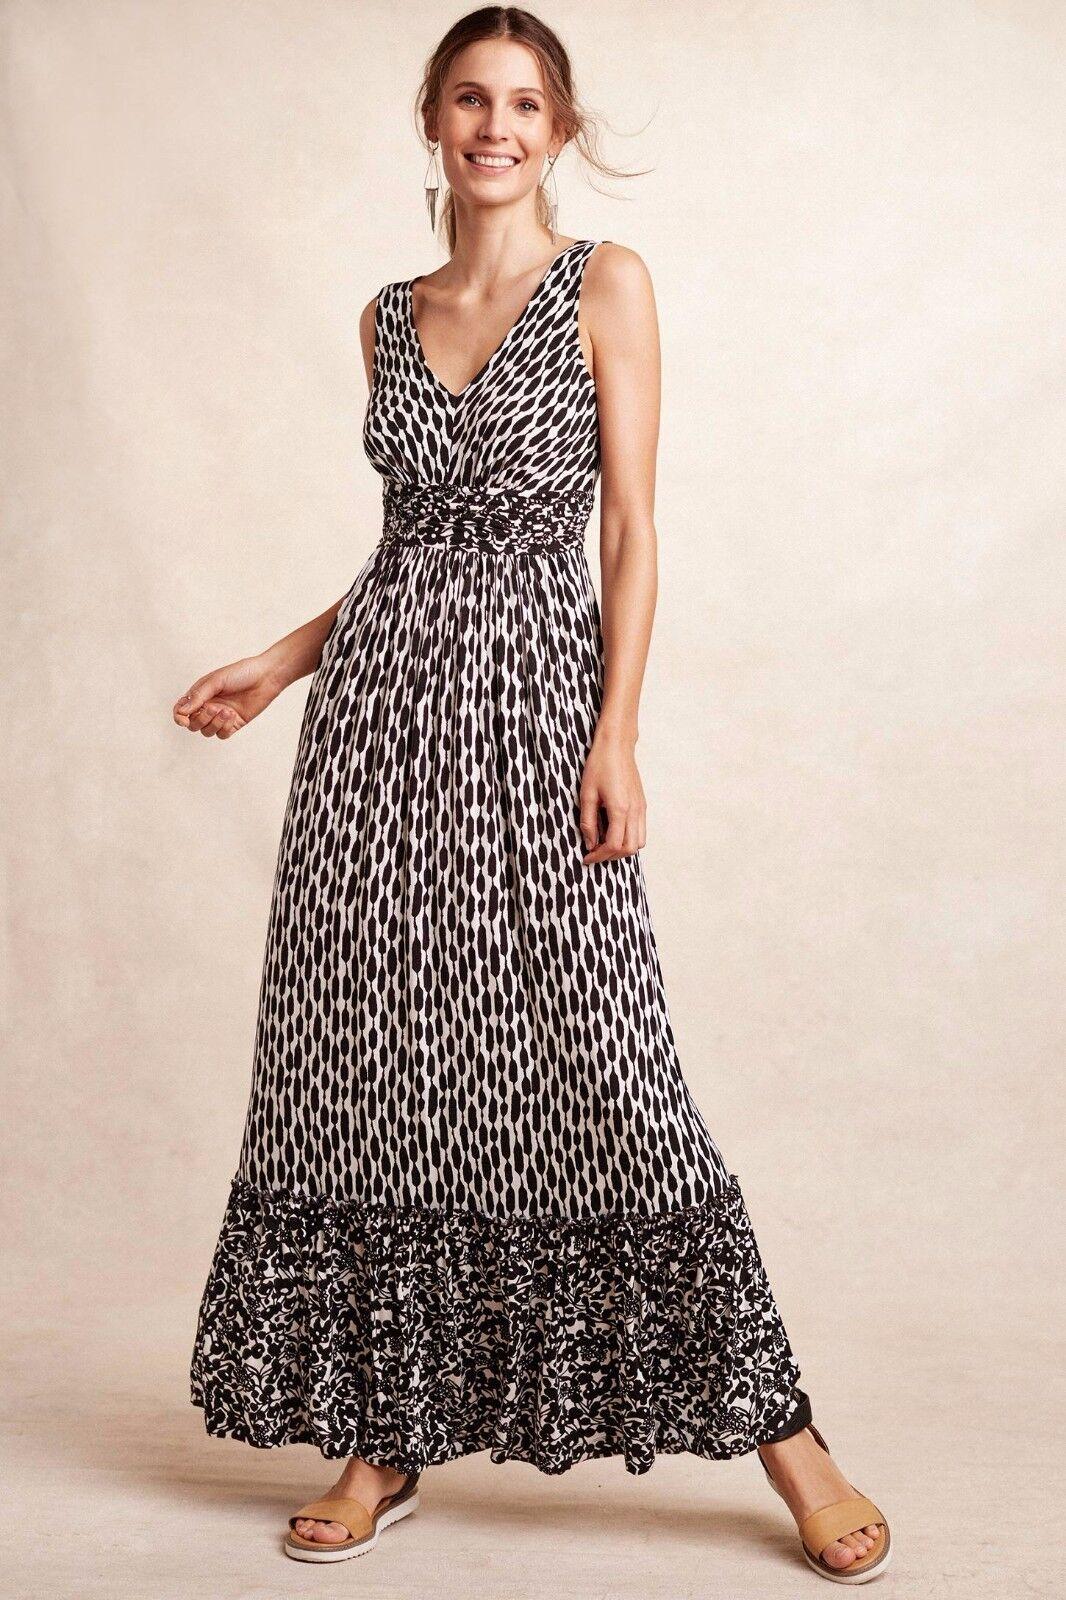 Nuevo con etiquetas Plenty by Tracy Reese Costa  Jersey Maxi vestido XS  hasta un 60% de descuento